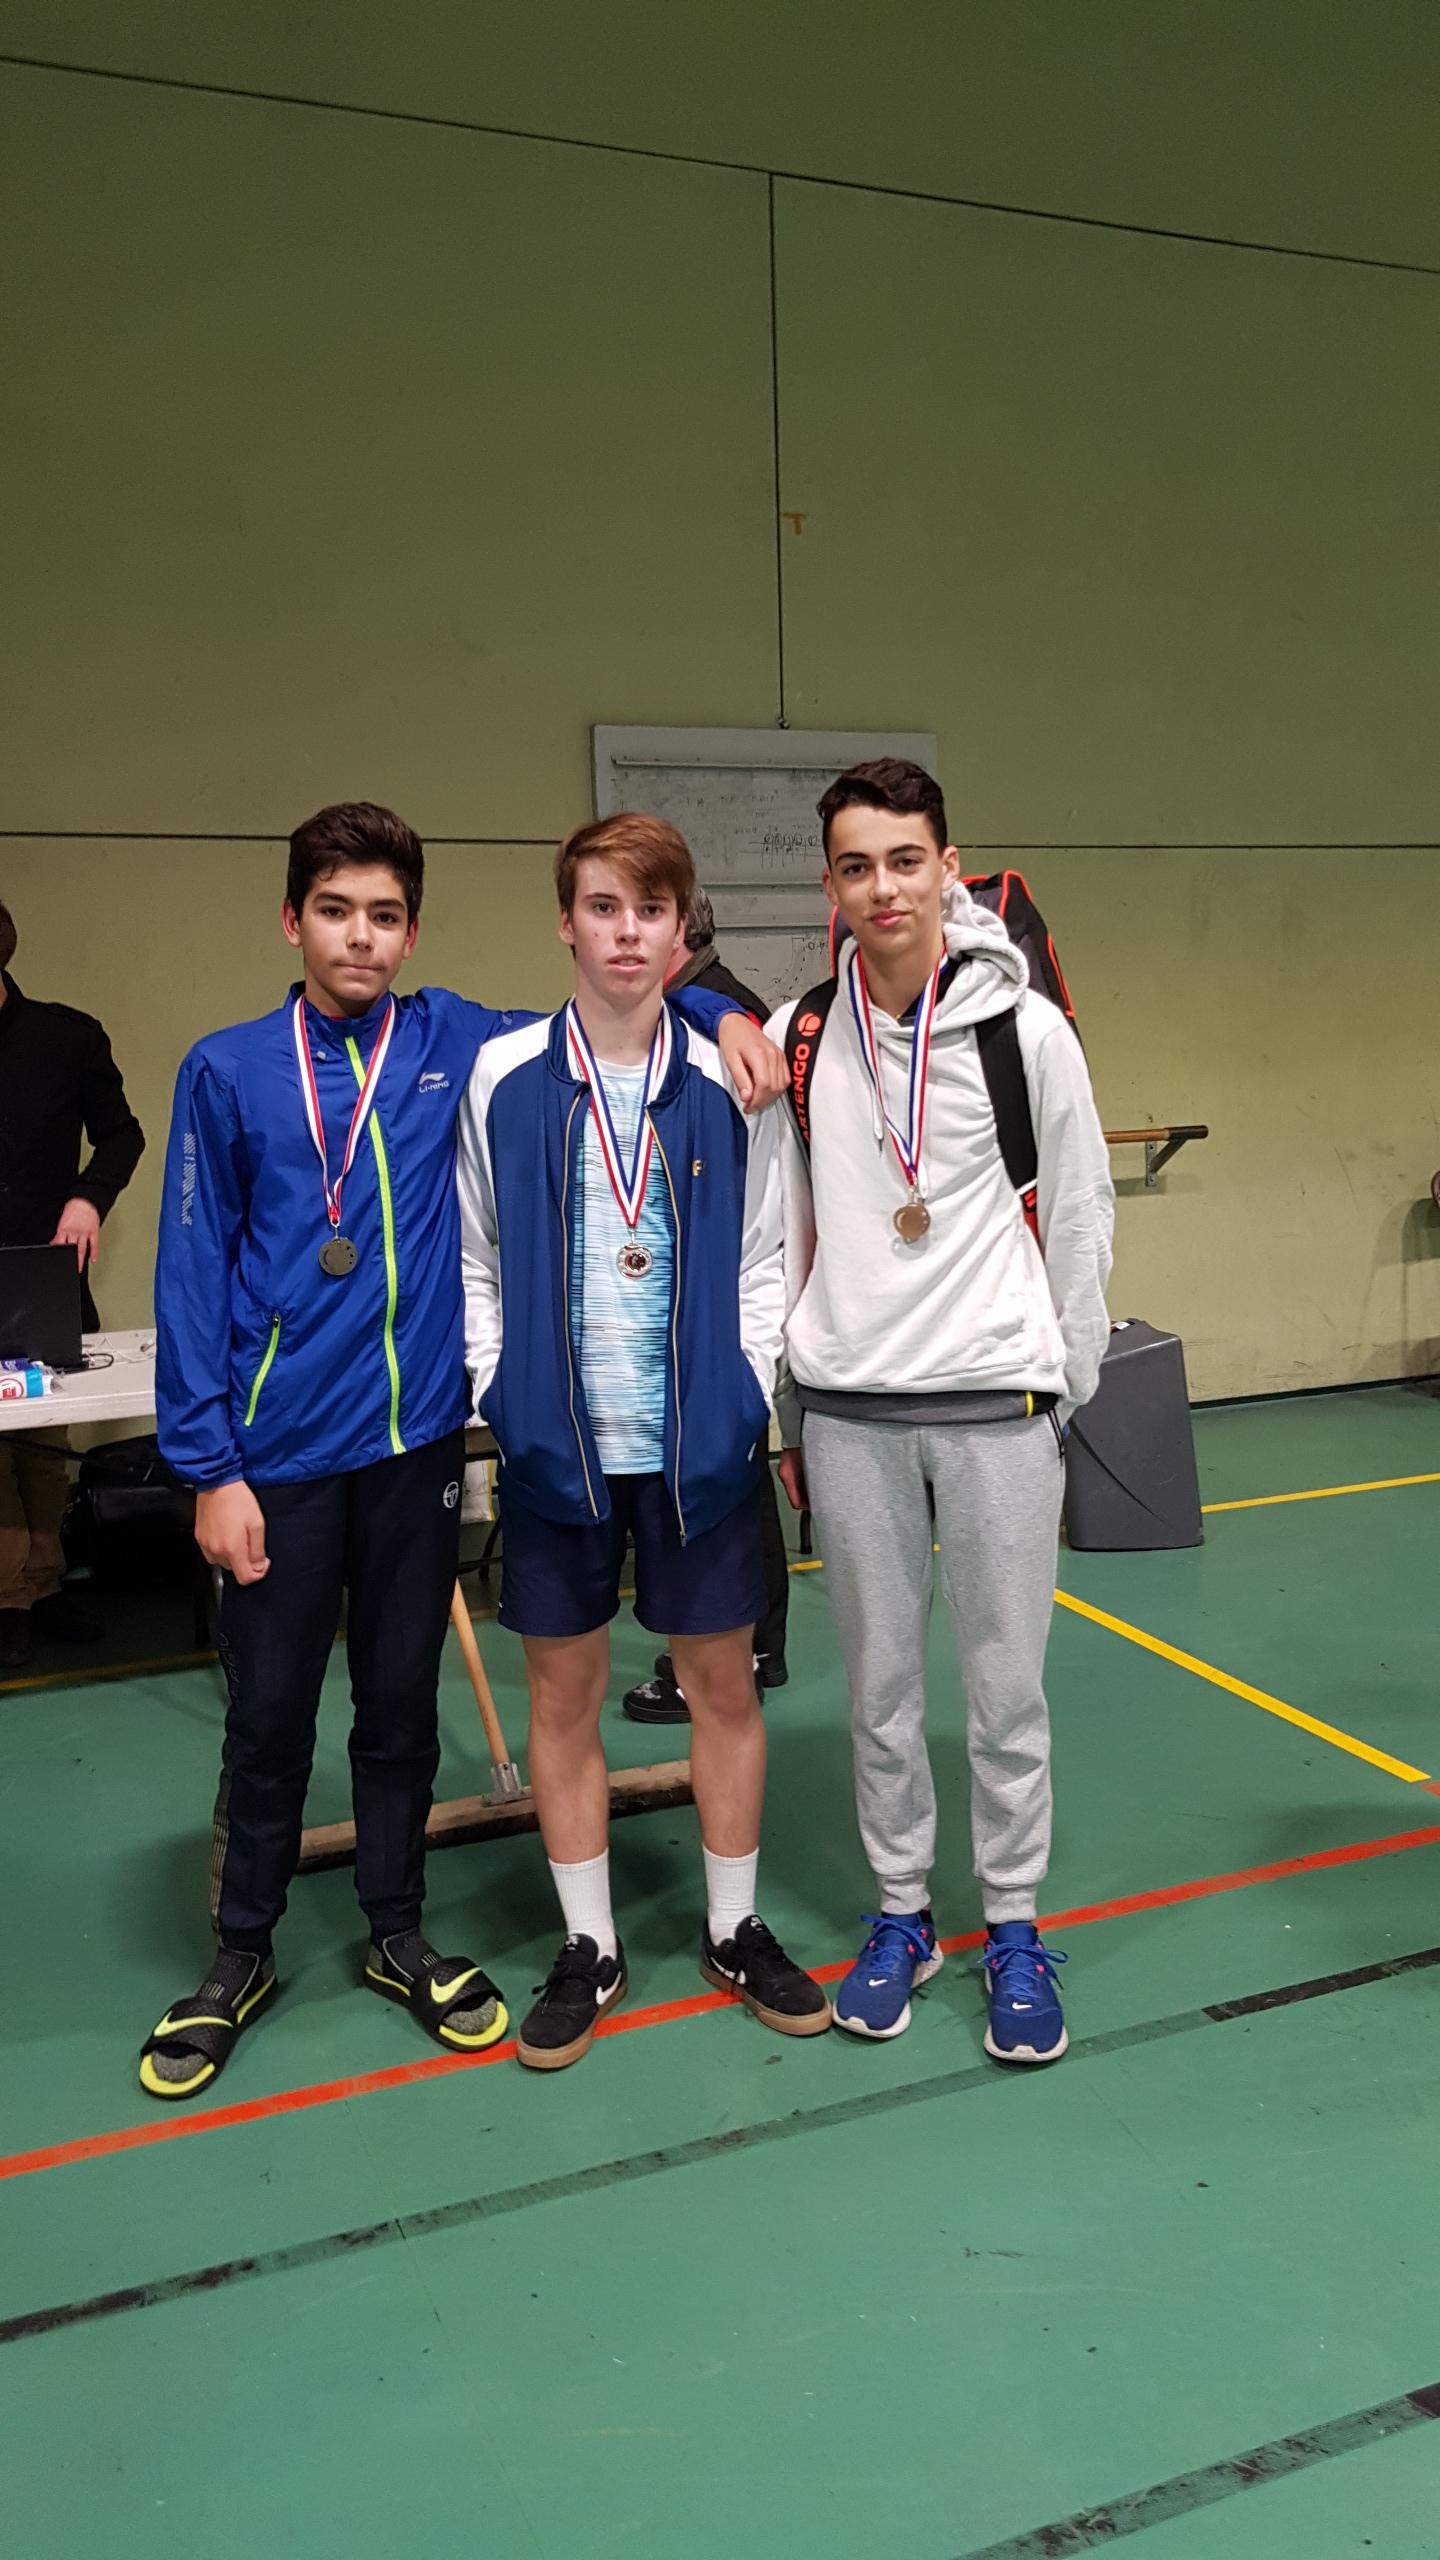 [Résultats] Tournoi des Vendanges (33) & Trophée départemental (65)